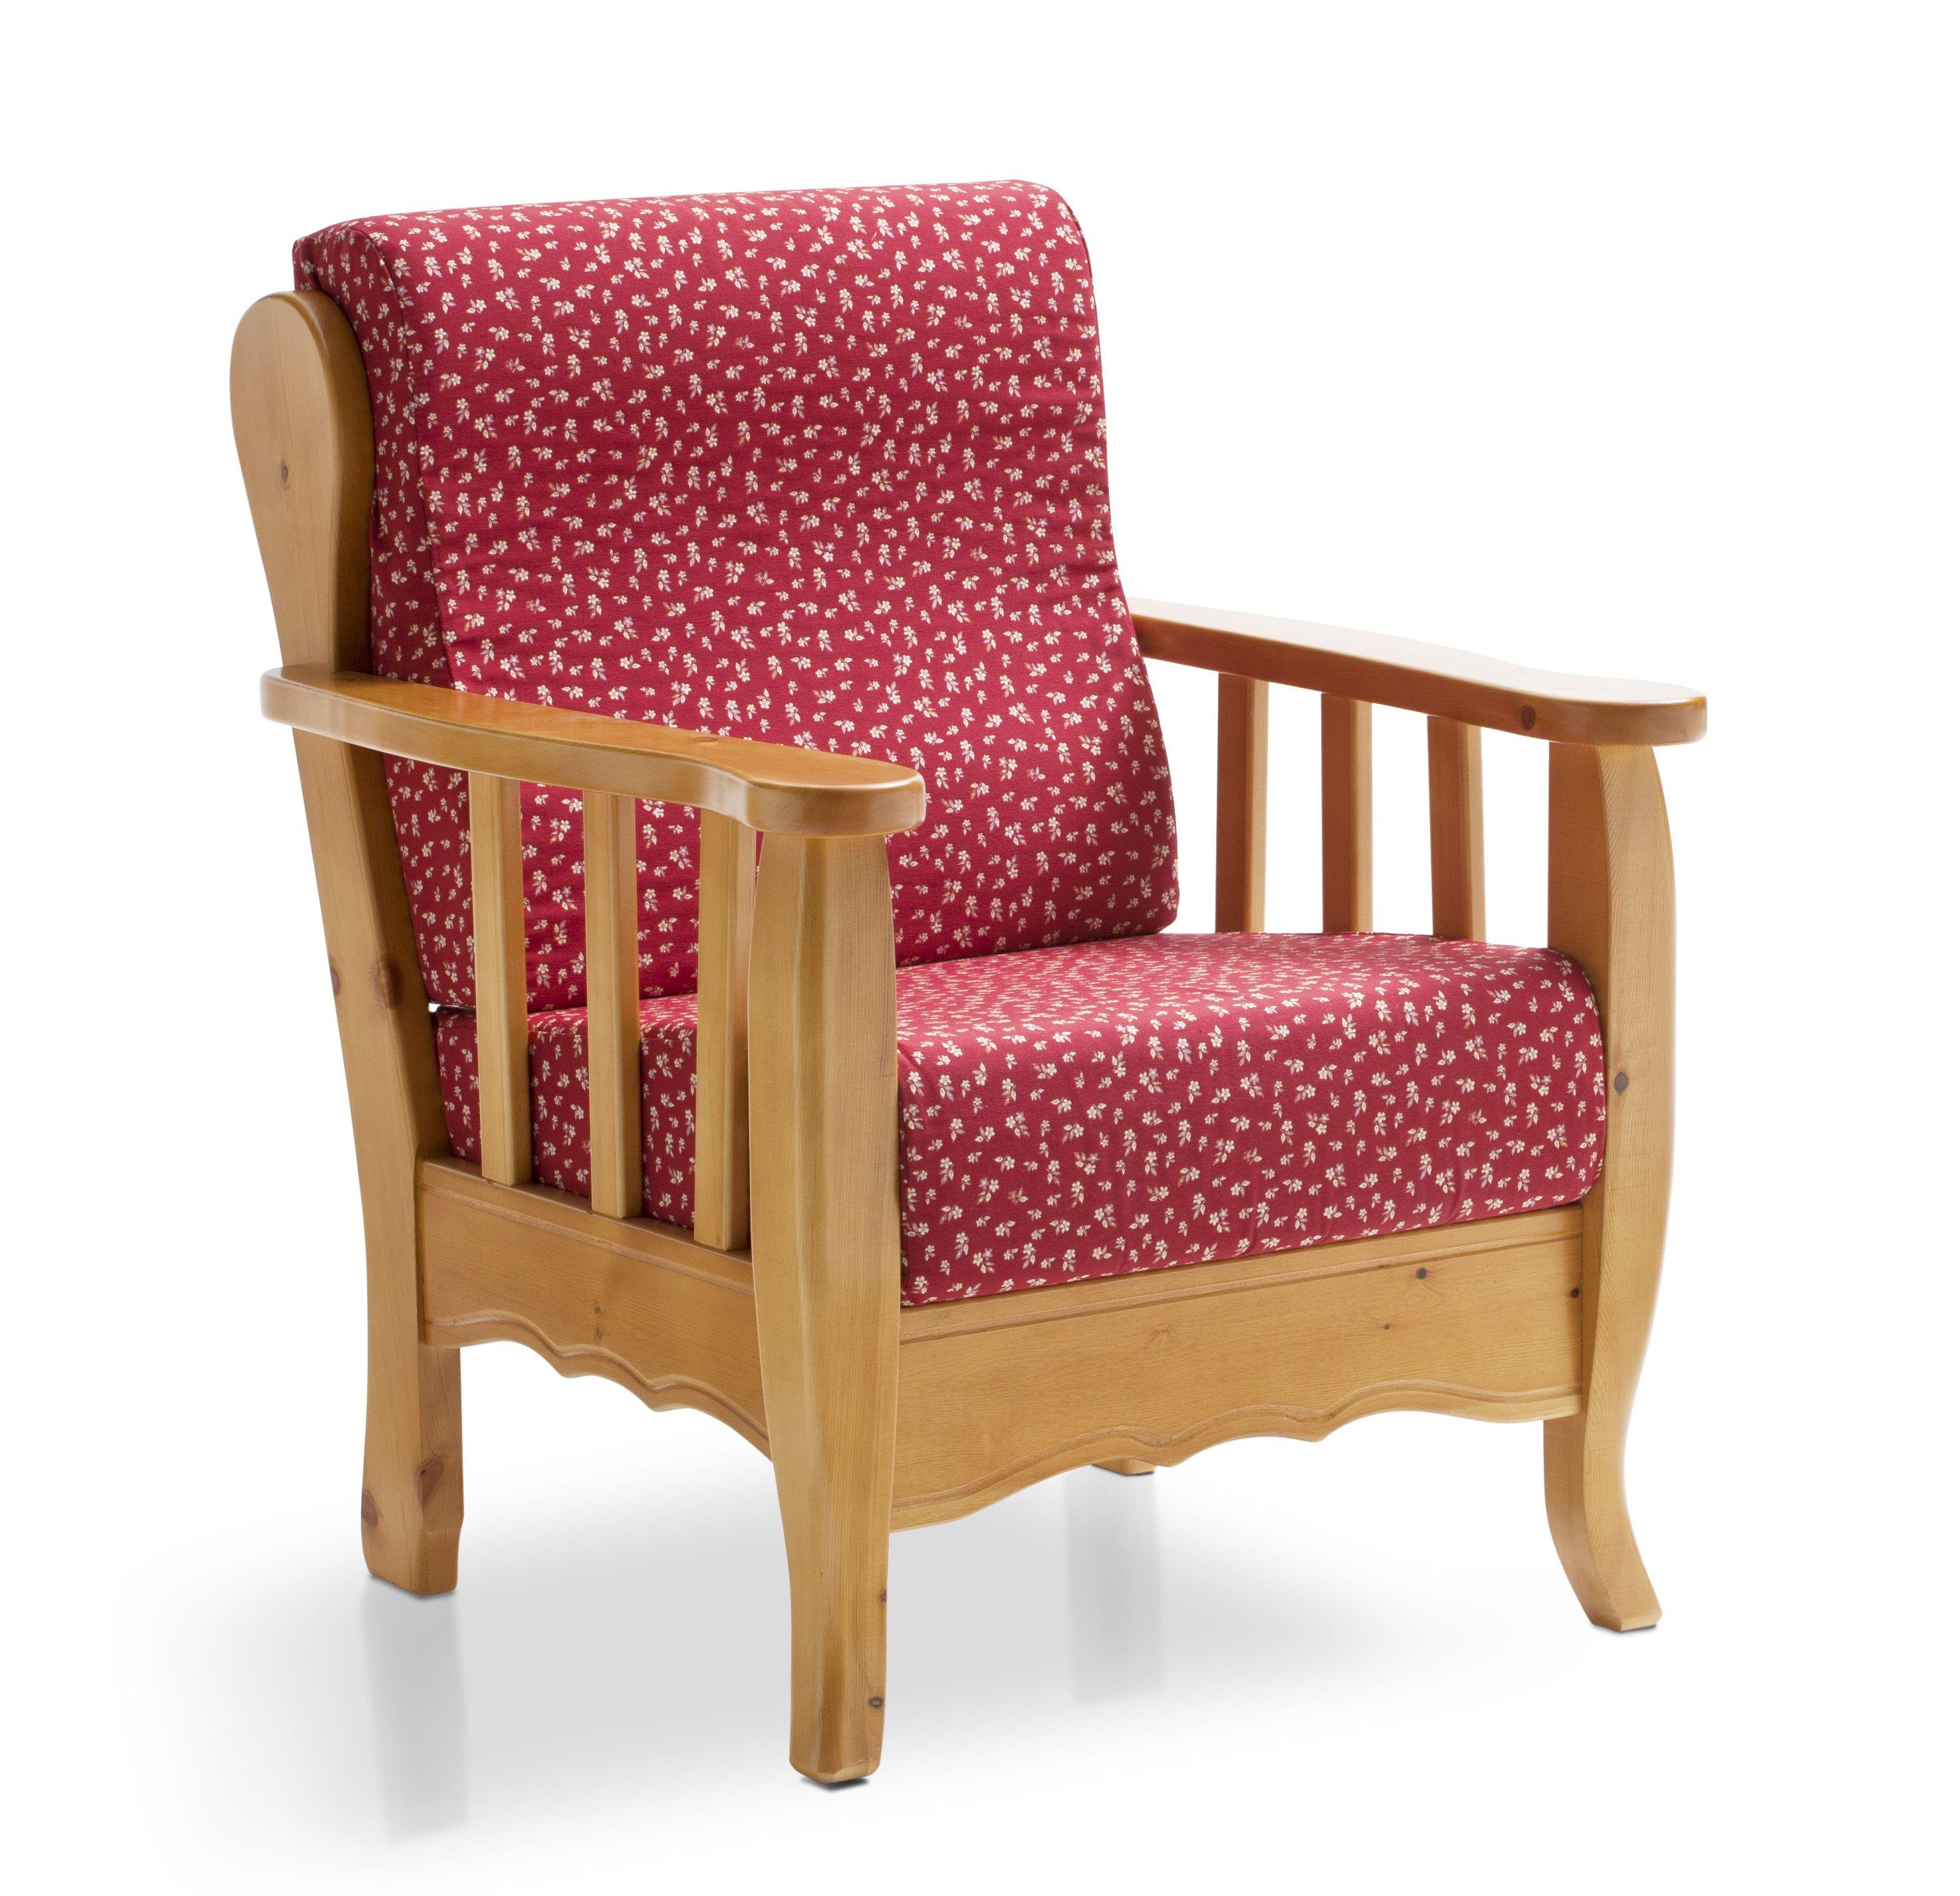 Poltrona Modello ELISA - Fusto in PINO MASSELLO con CUSCINI SFODERABILI, ERGONOMICI e a DENSITA' DIFFERENTE per seduta e schienale. #sofa #moderncountry #pinewood #madeinitaly #furniture #mobilipino #legnomassello #country  www.demarmobili.it